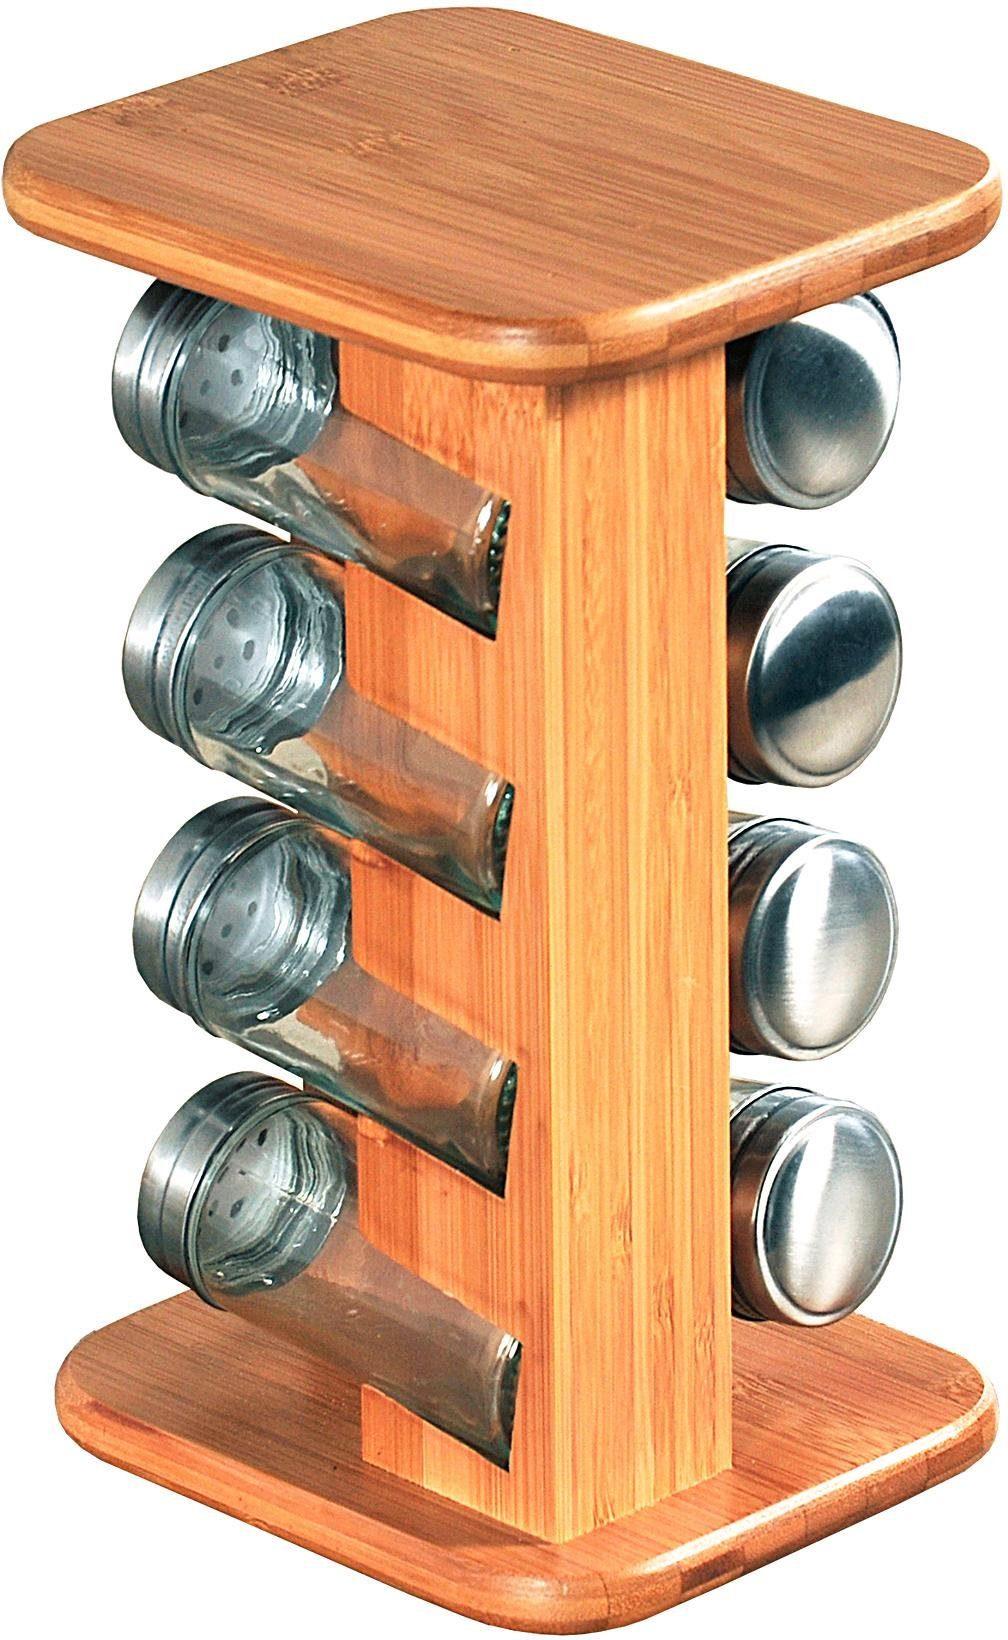 KESPER Gewürzkarussell aus FSC-zertifiziertem Bambus mit 10 gefüllten Gewürzgläs